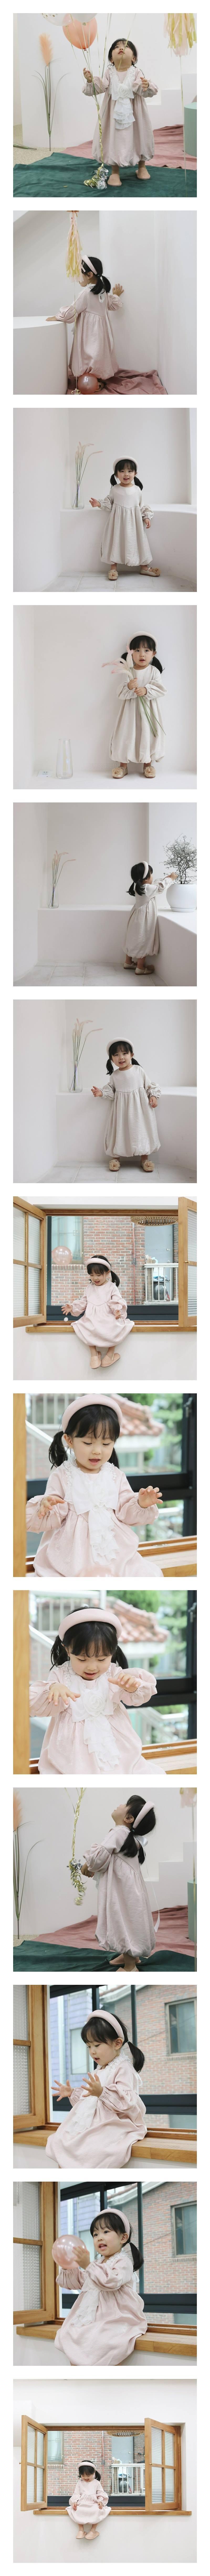 FLOWER J - Korean Children Fashion - #Kfashion4kids - Balloon Party One-piece